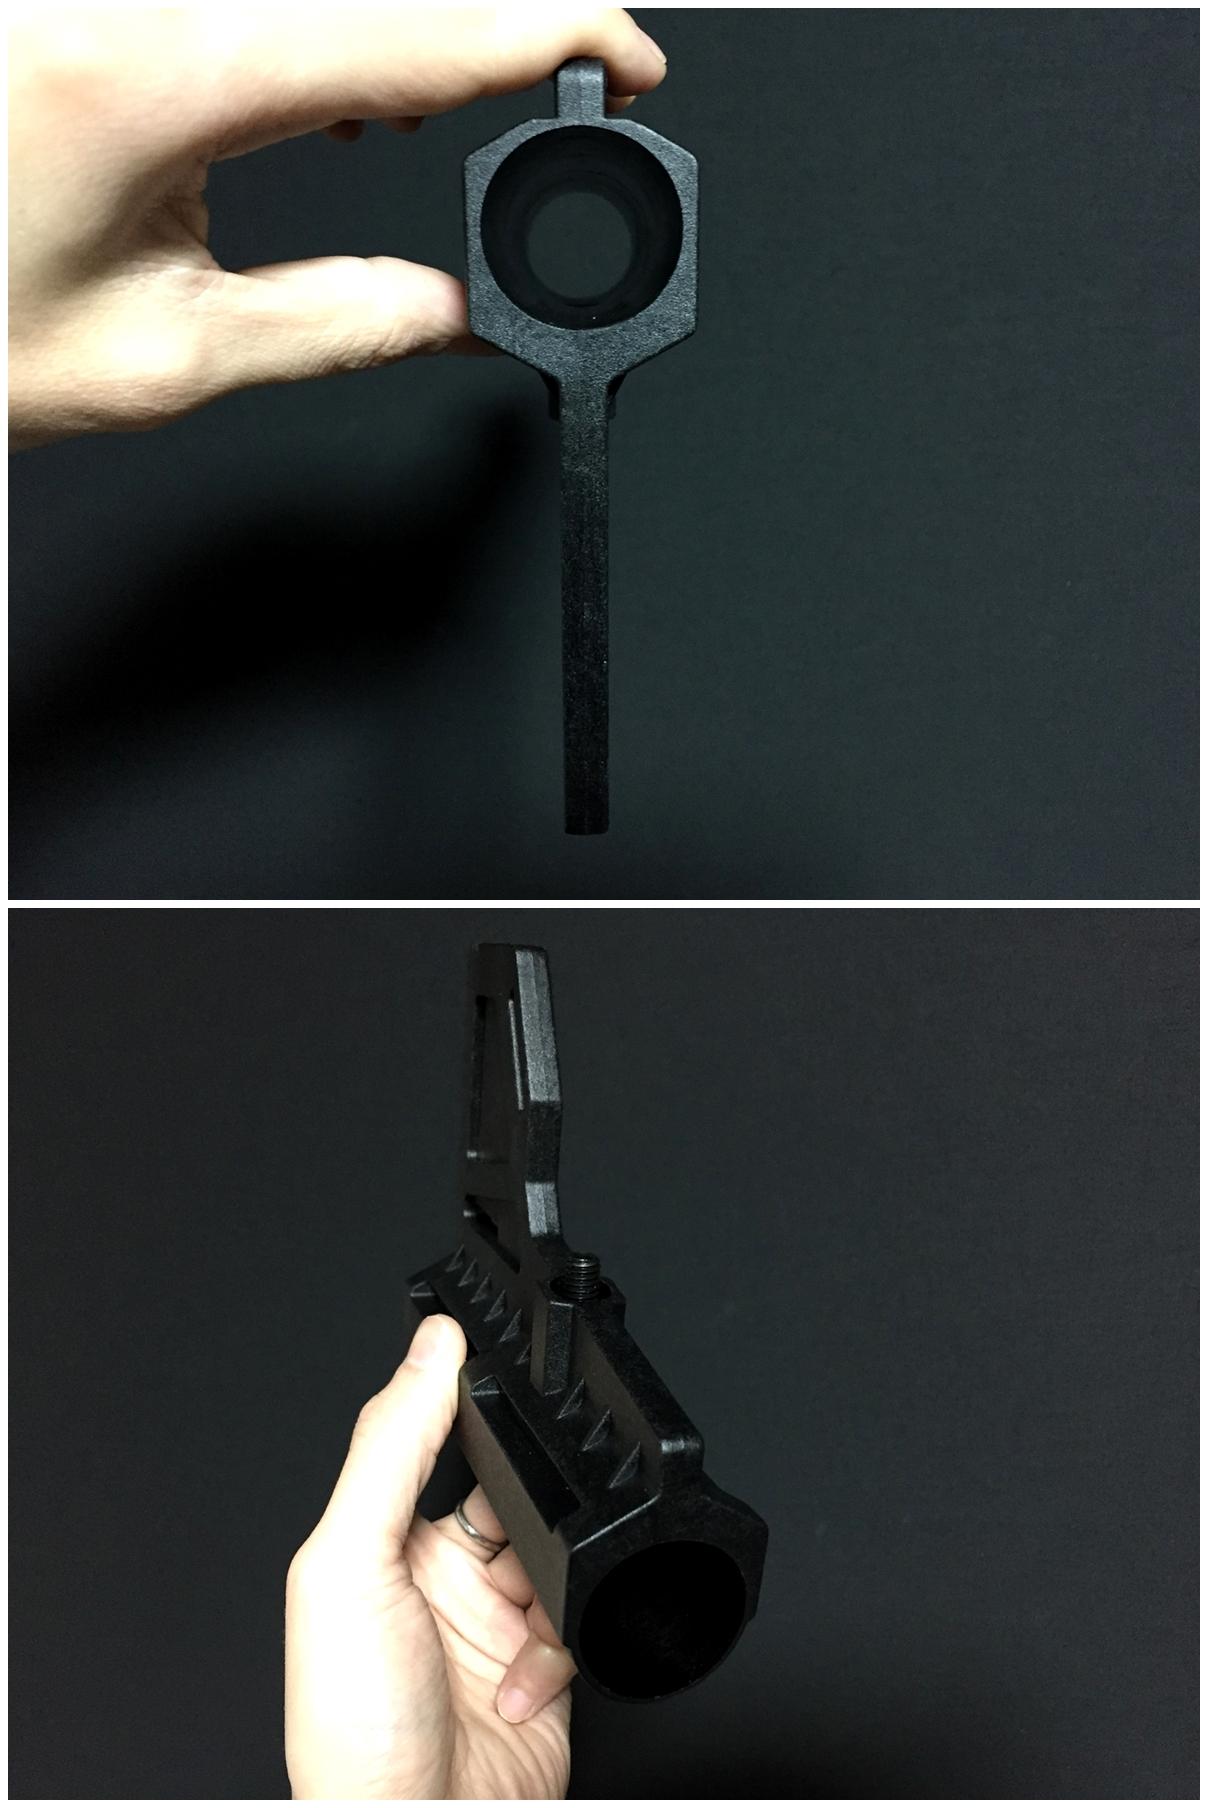 4 実物 KAK Industry LLC Shockwave Blade Pistol Stabilizer ショックウェーブ ブレード ピストル スタビライザー ストック